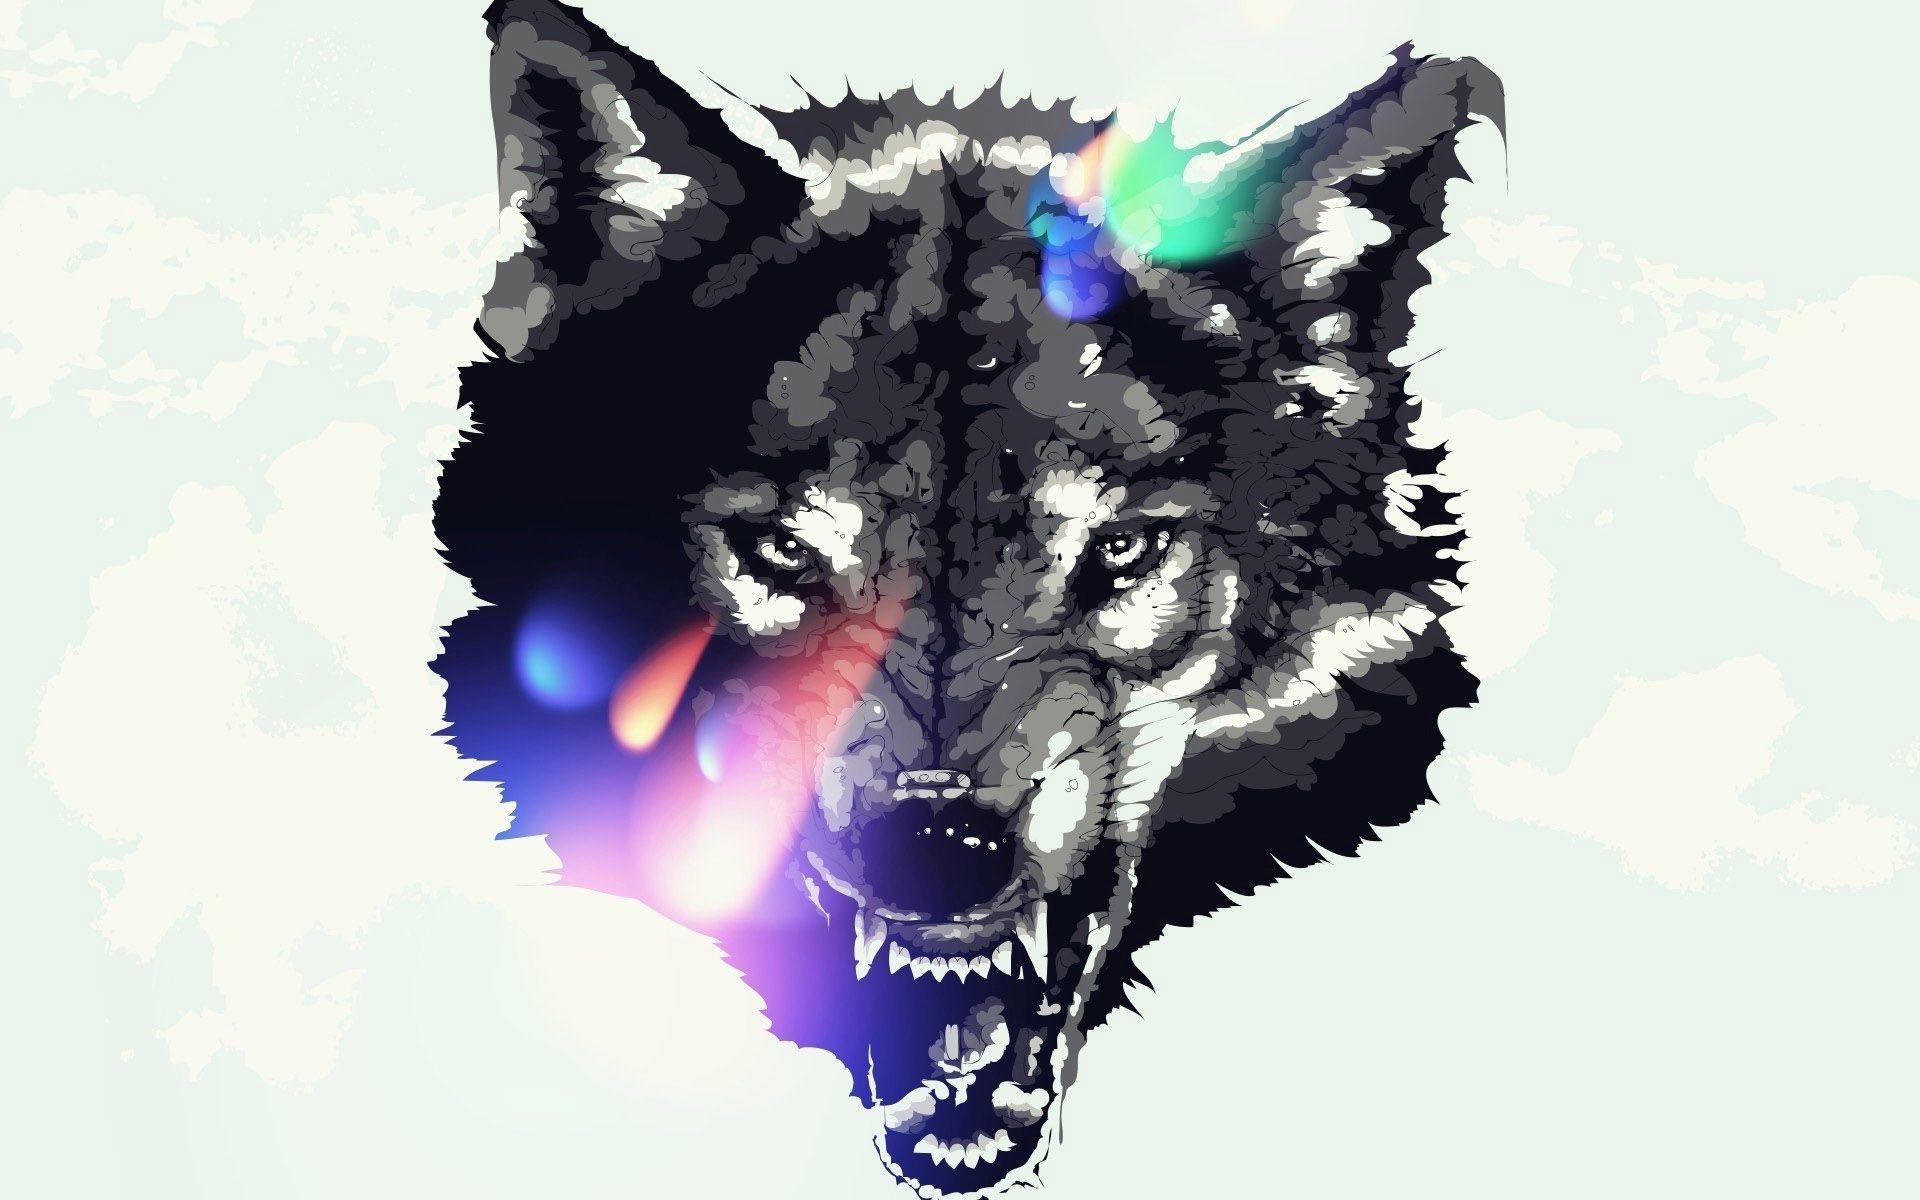 Animal Print Desktop Wallpaper Wolf Drawing Wallpaper At Getdrawings Com Free For